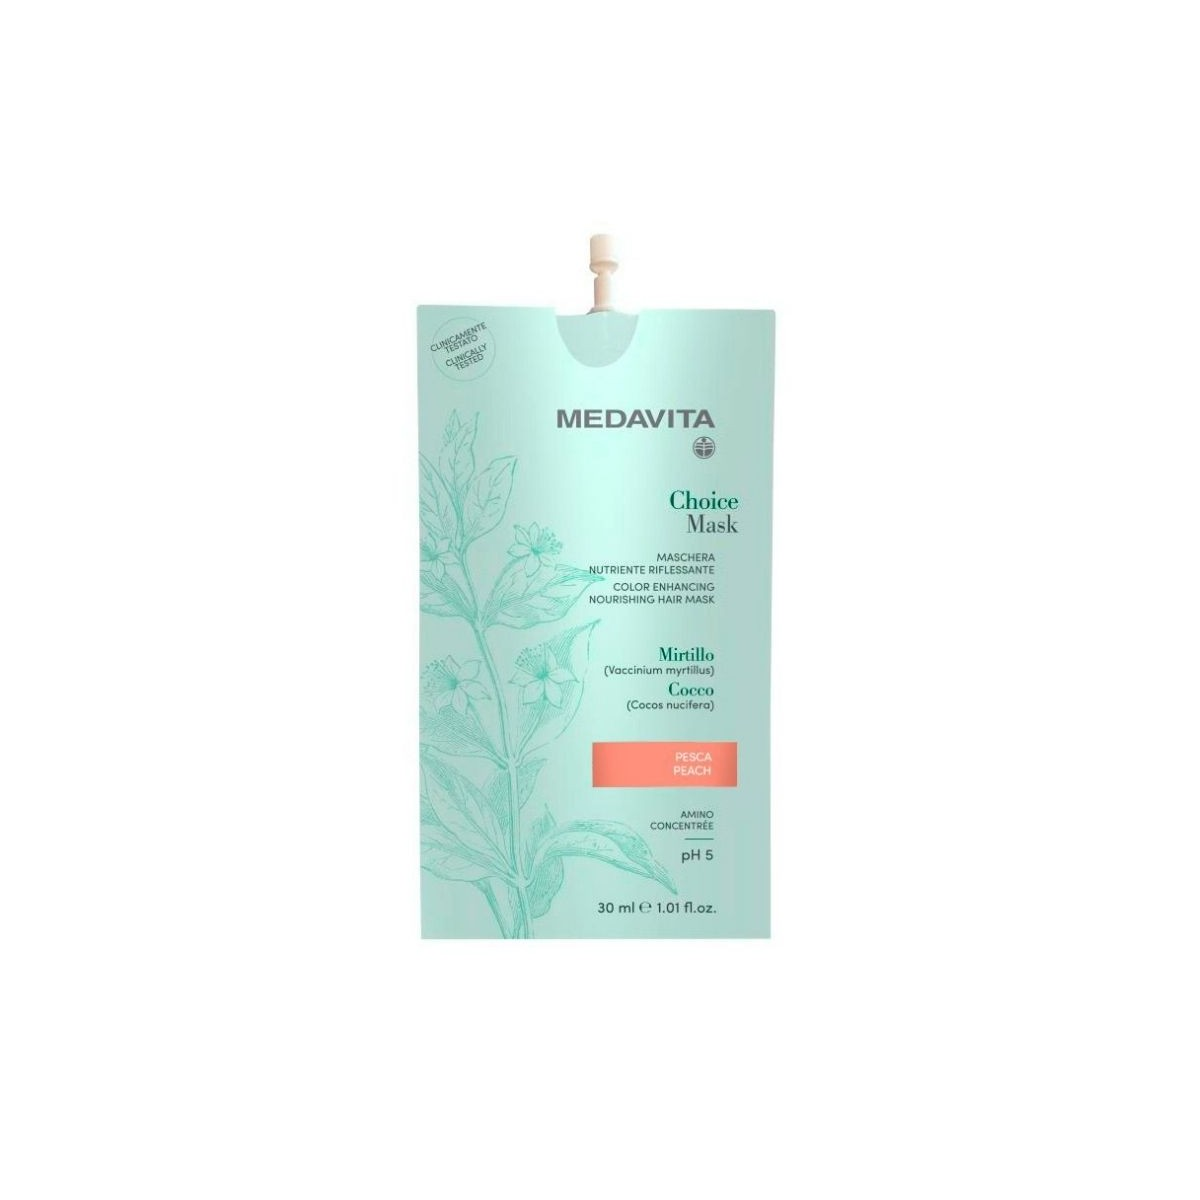 MEDAVITA Choice Mask Pesca / Peach 30ml - Maska do włosów koloryzująca, zmieniająca kolor Brzoskwinia